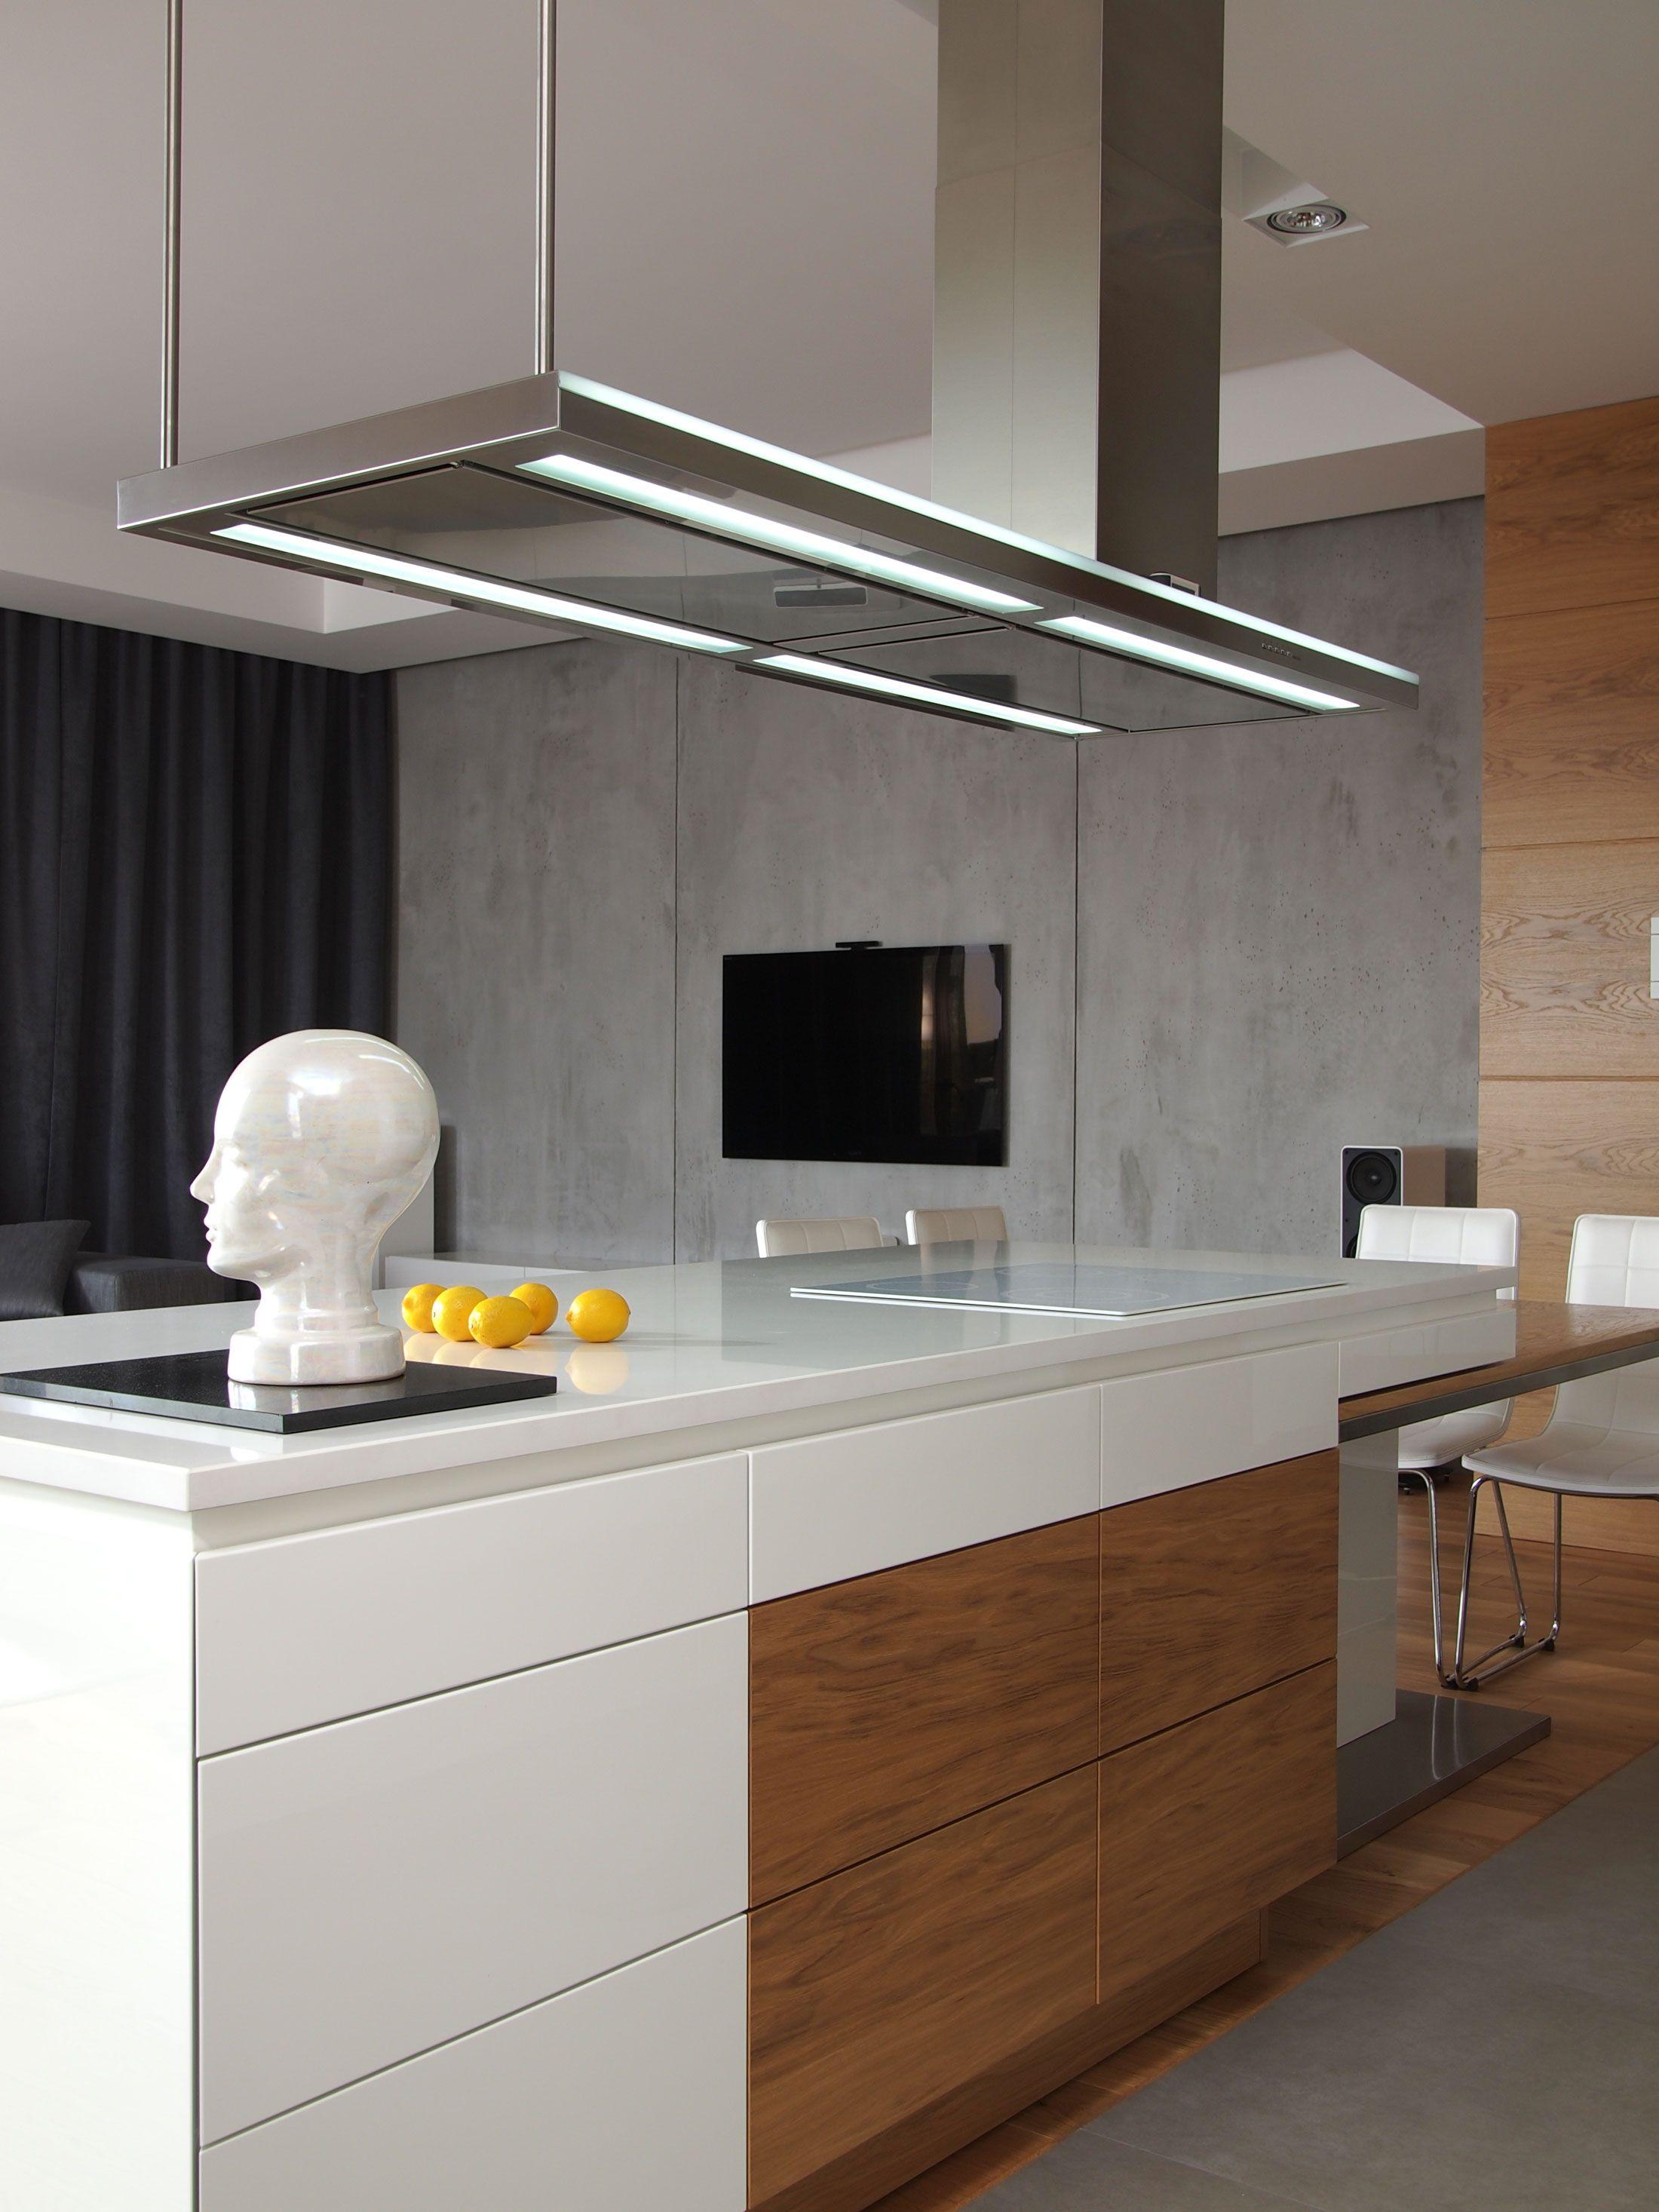 Escultura en la cocina #arte #decoracion #art #deco | KITCHEN ...